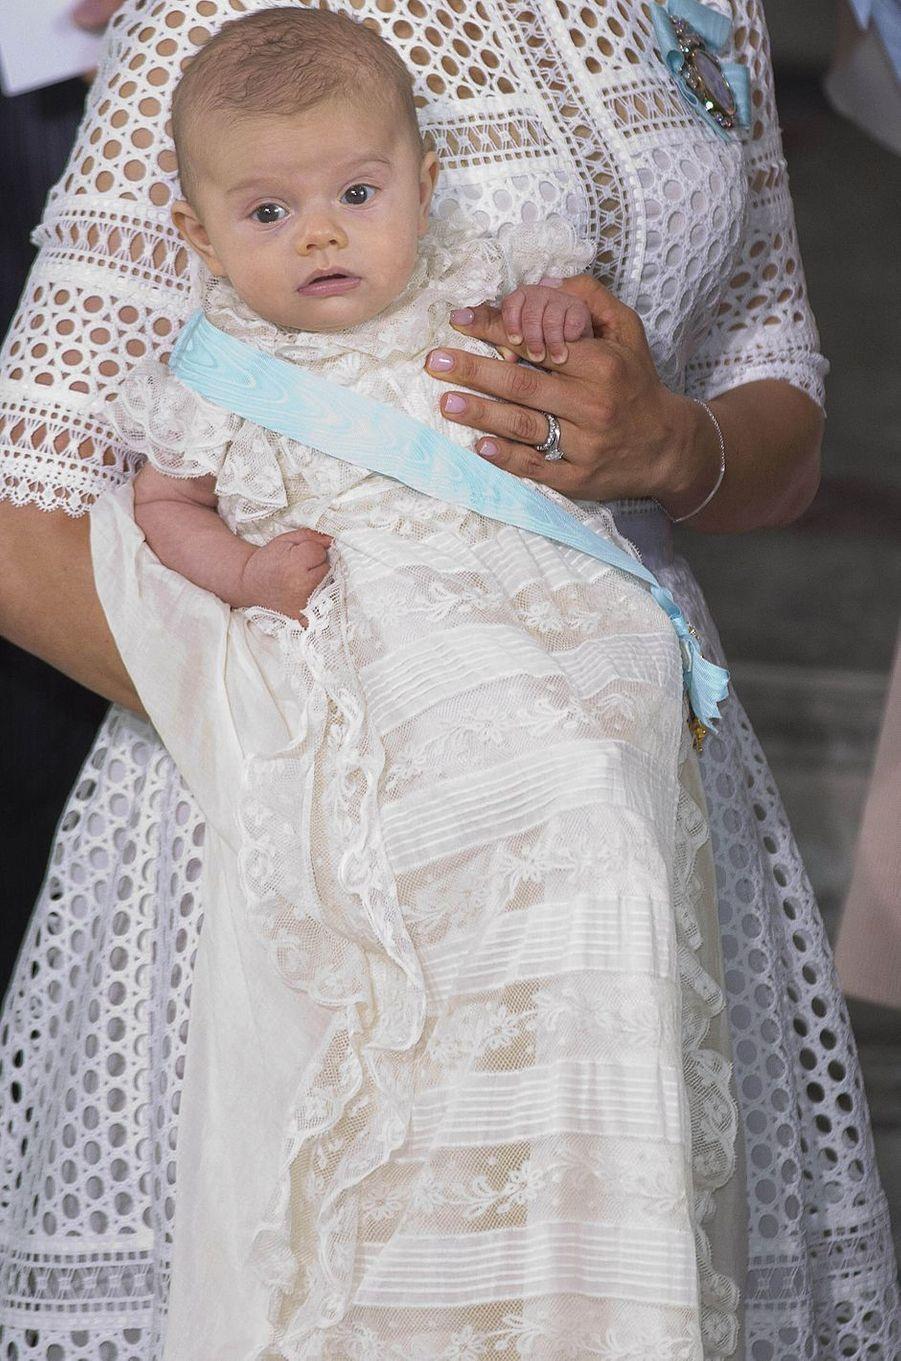 Le prince Oscar dans la robe de baptême de la famille royale de Suède à Stockholm, le 27 mai 2016